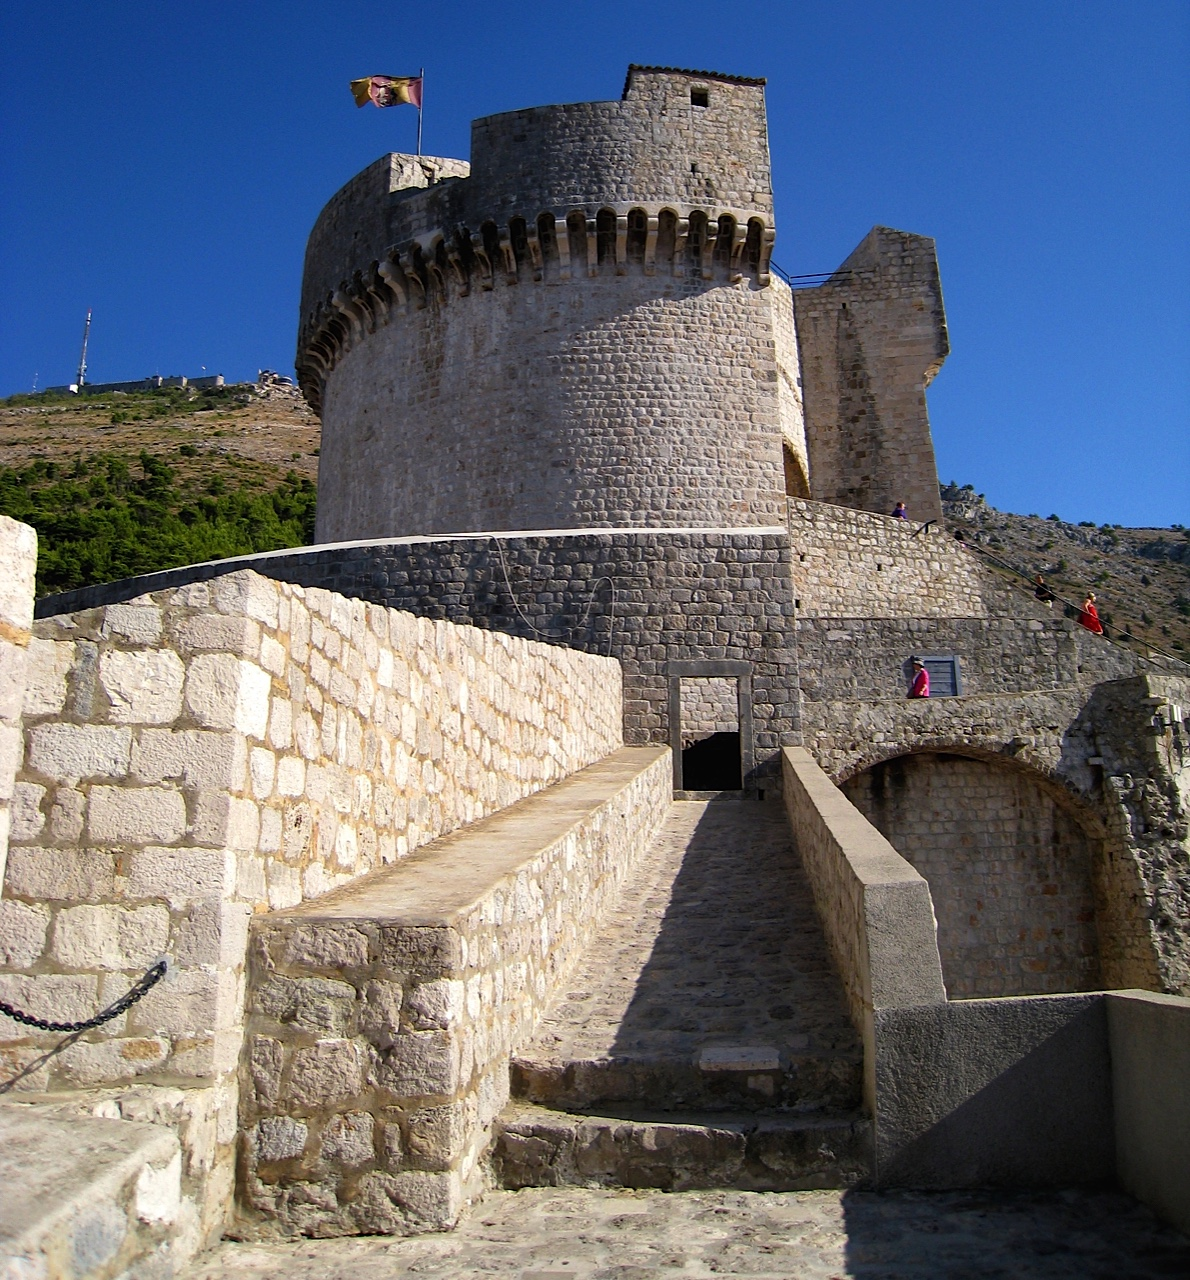 Dubrovnik Minceta Fortress wall